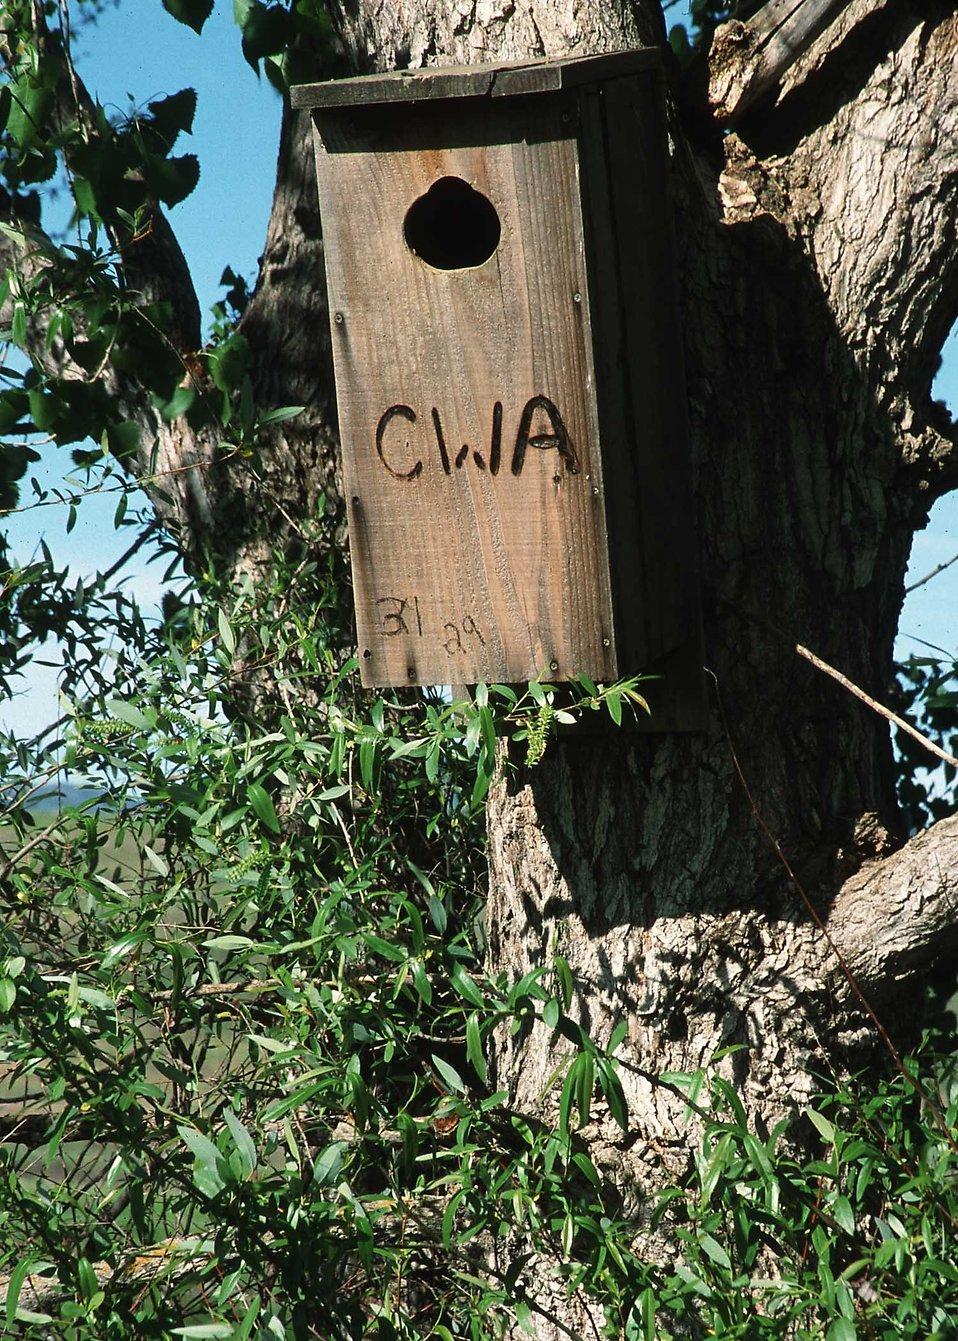 A birdhouse : Free Stock Photo